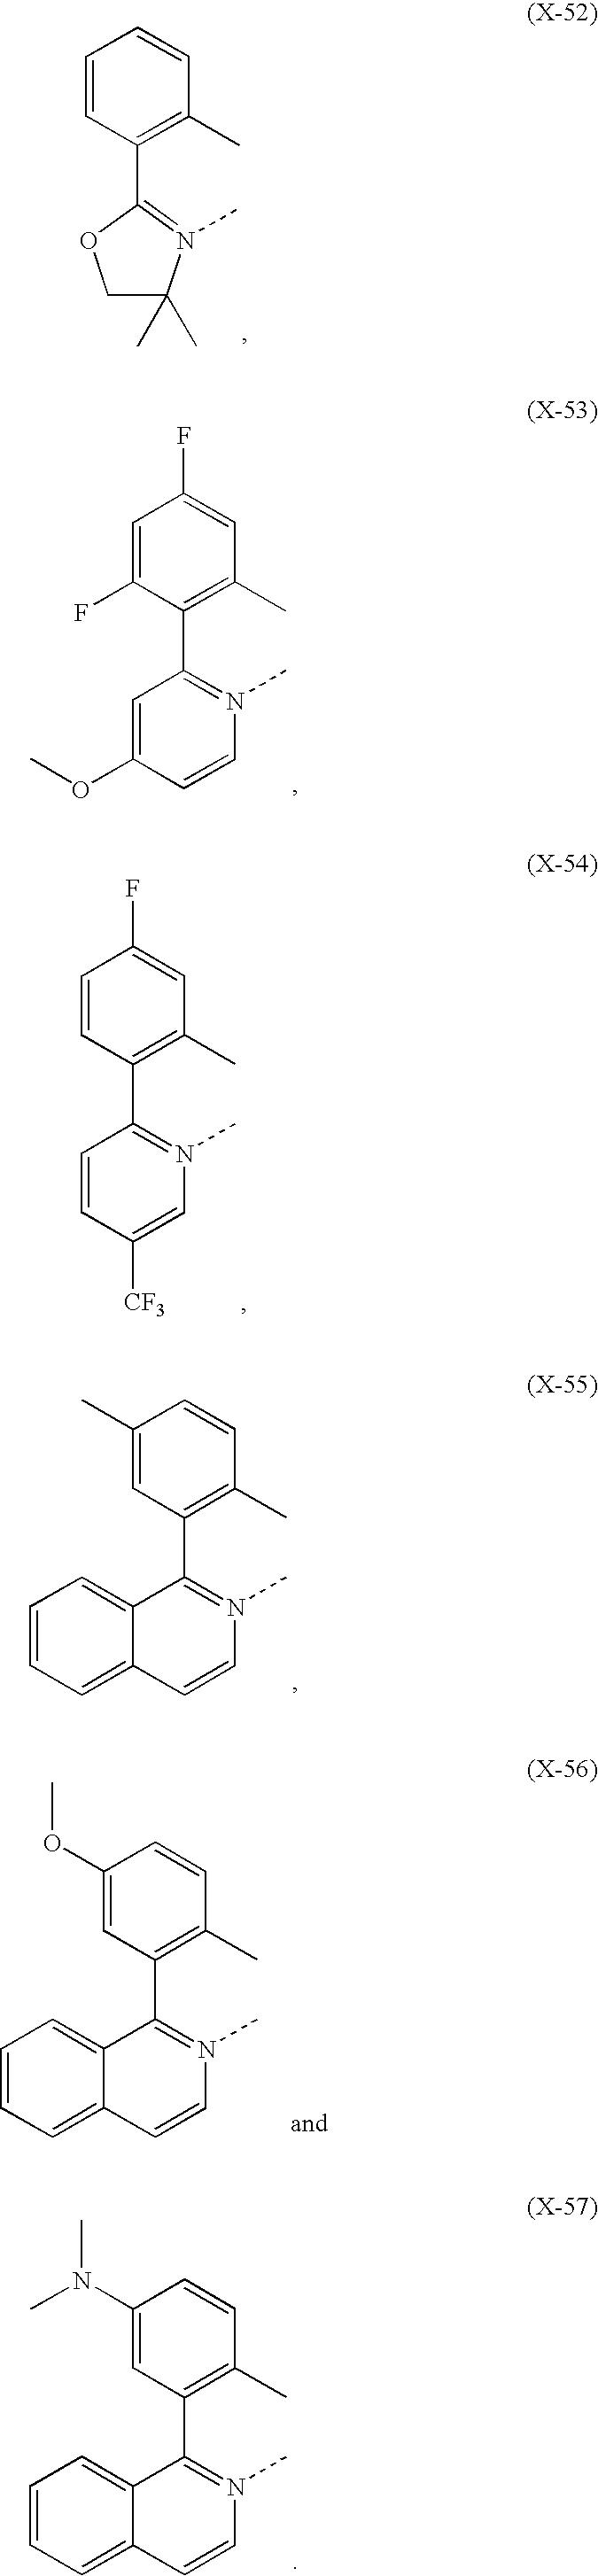 Figure US09362510-20160607-C00048